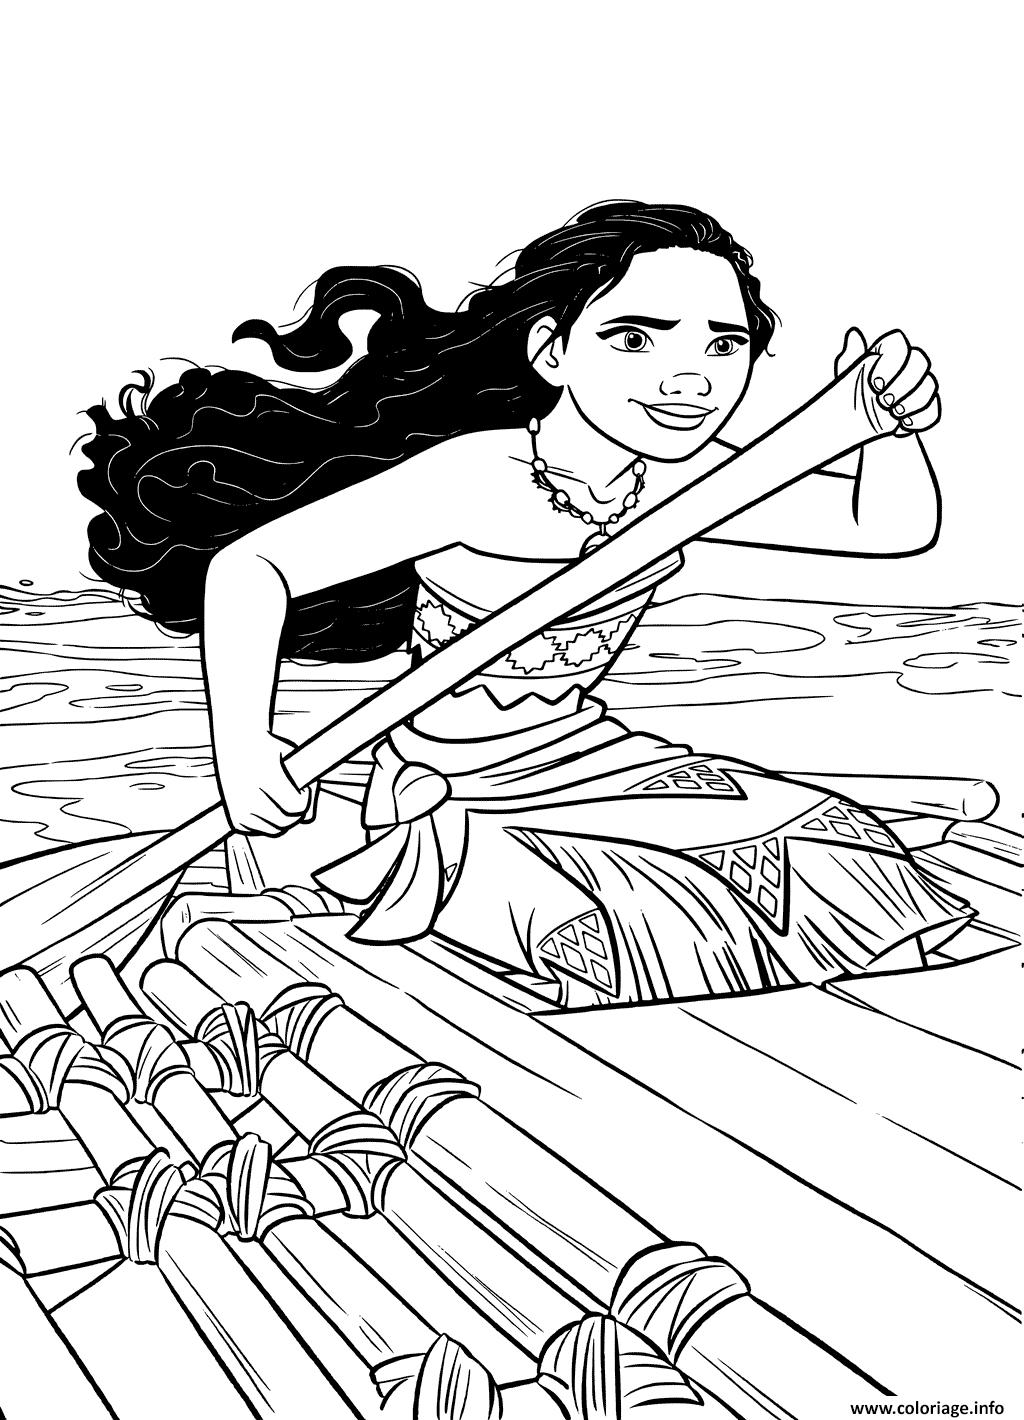 Dessin vaiana sur la mer avec un kayak Coloriage Gratuit à Imprimer